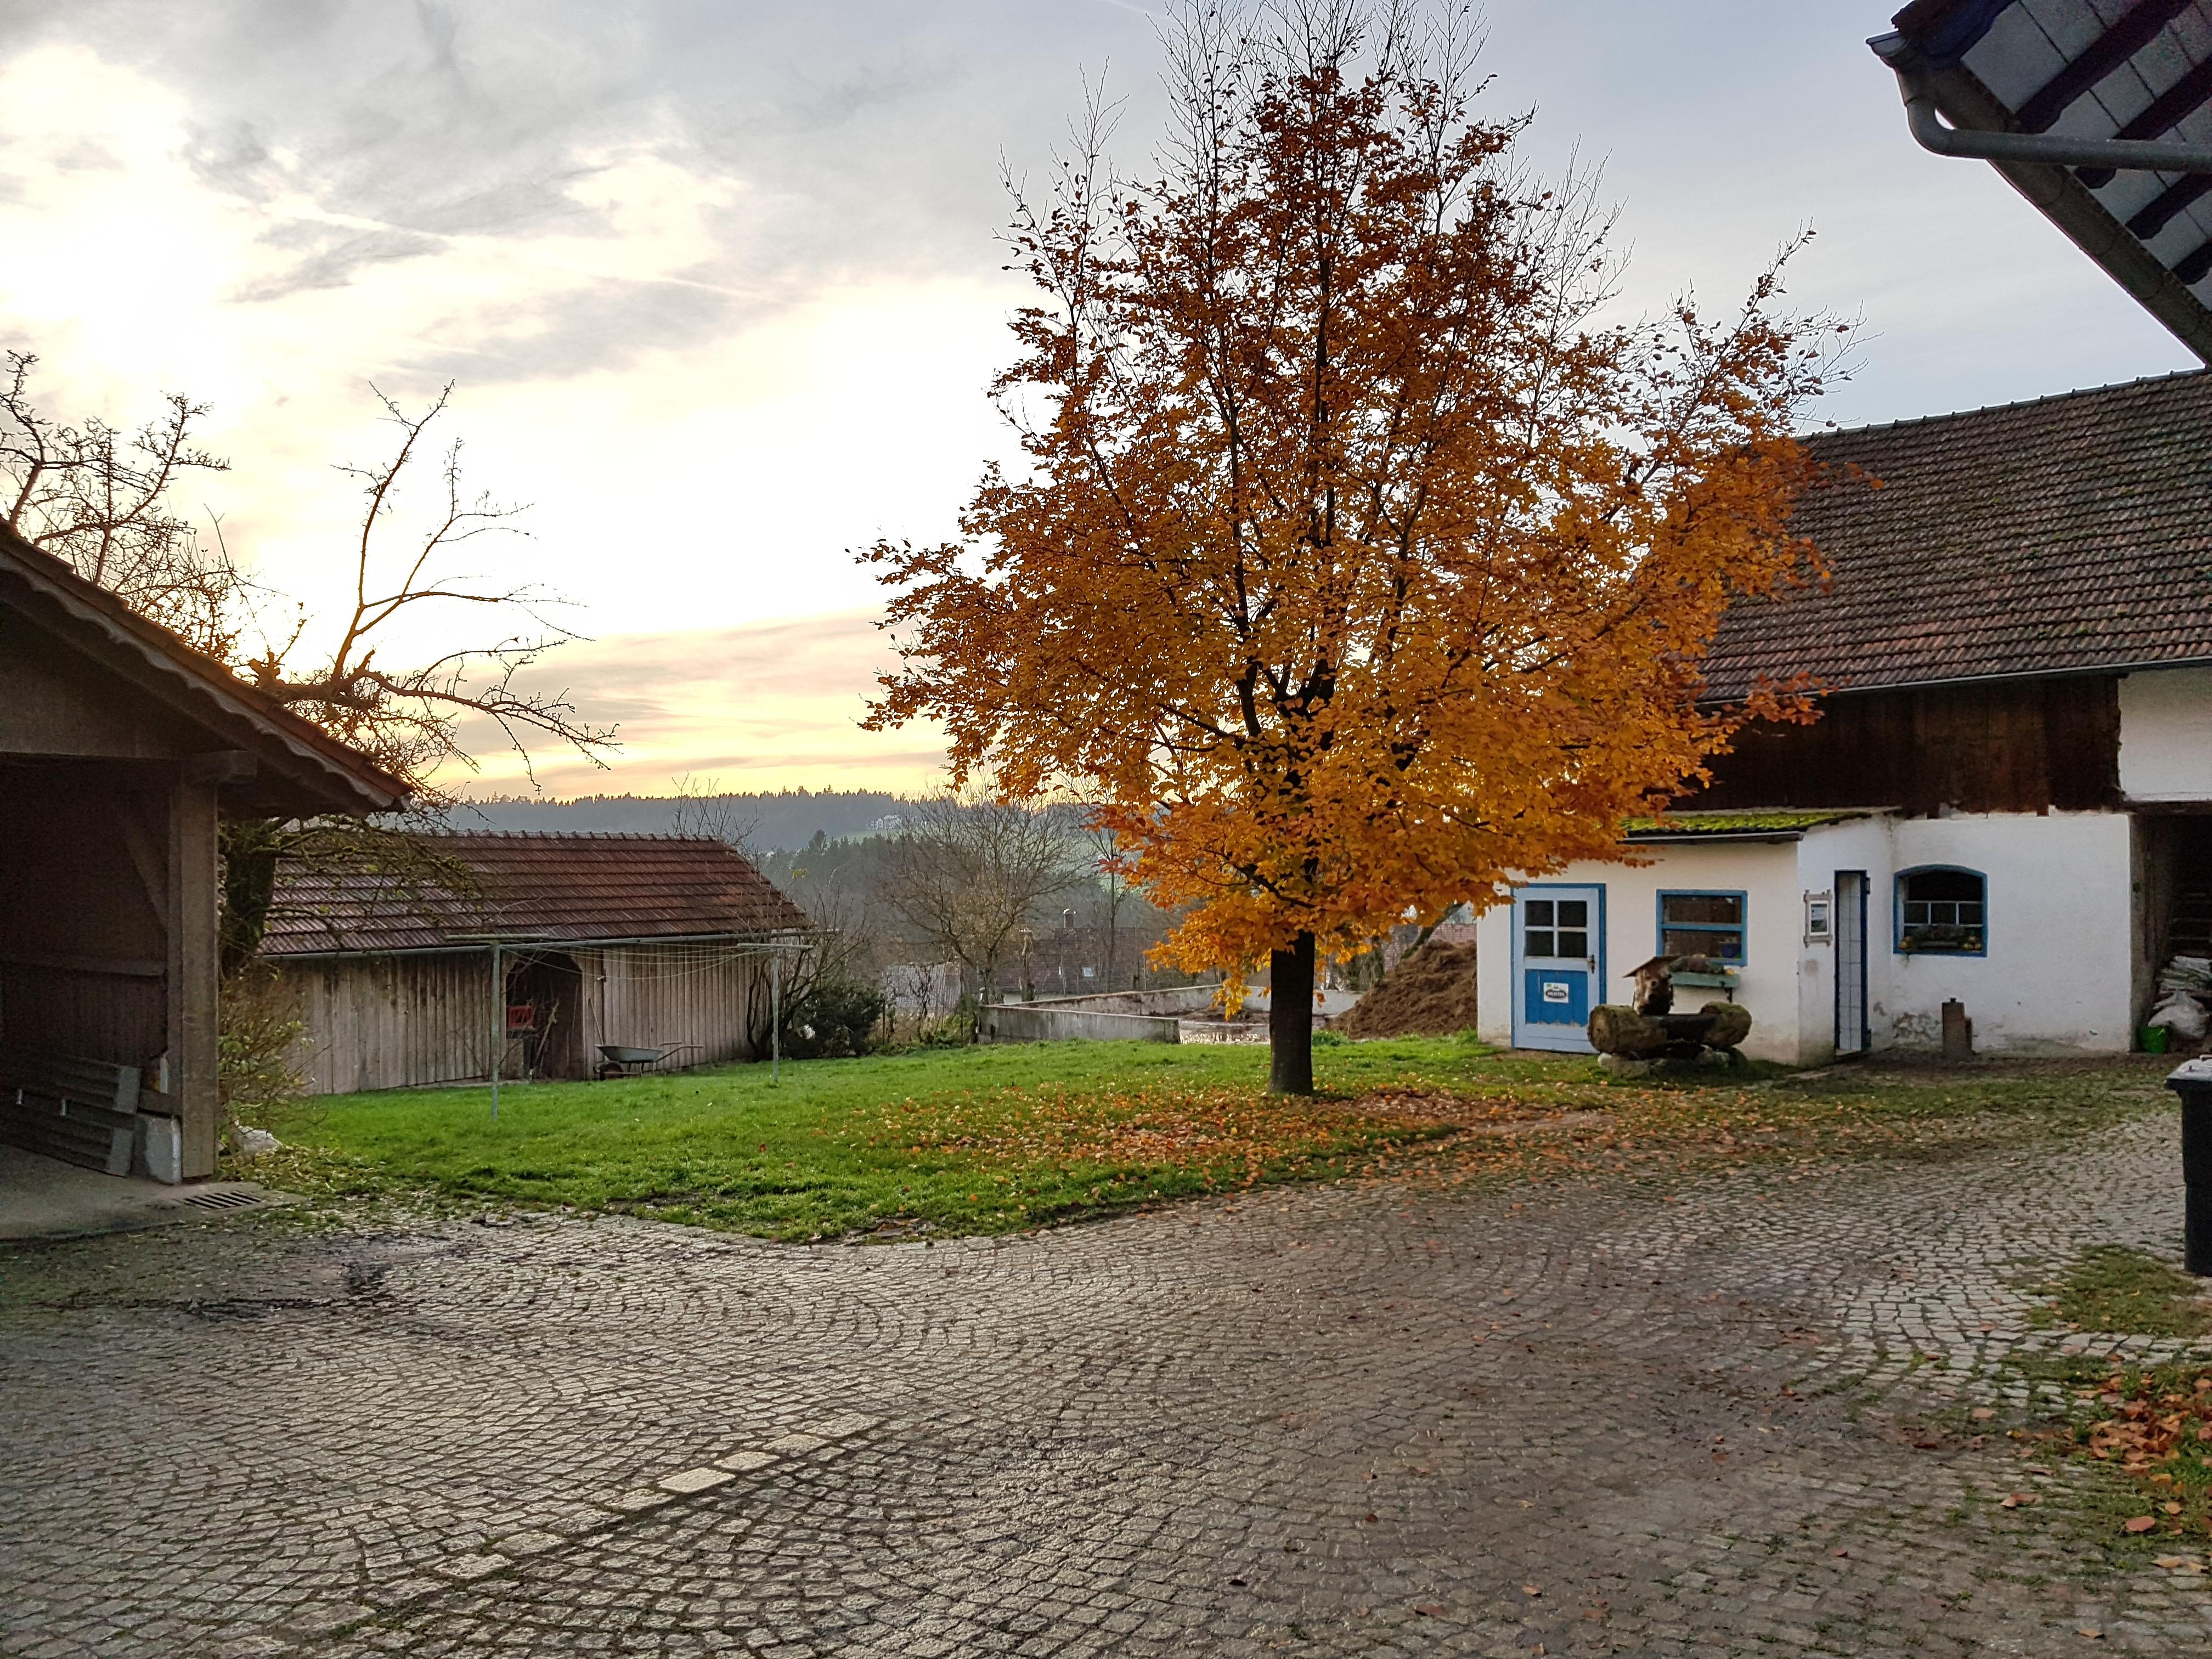 Wenn die Blätter sich färben und die Bäume kahler werden, dann wird es Herbst.